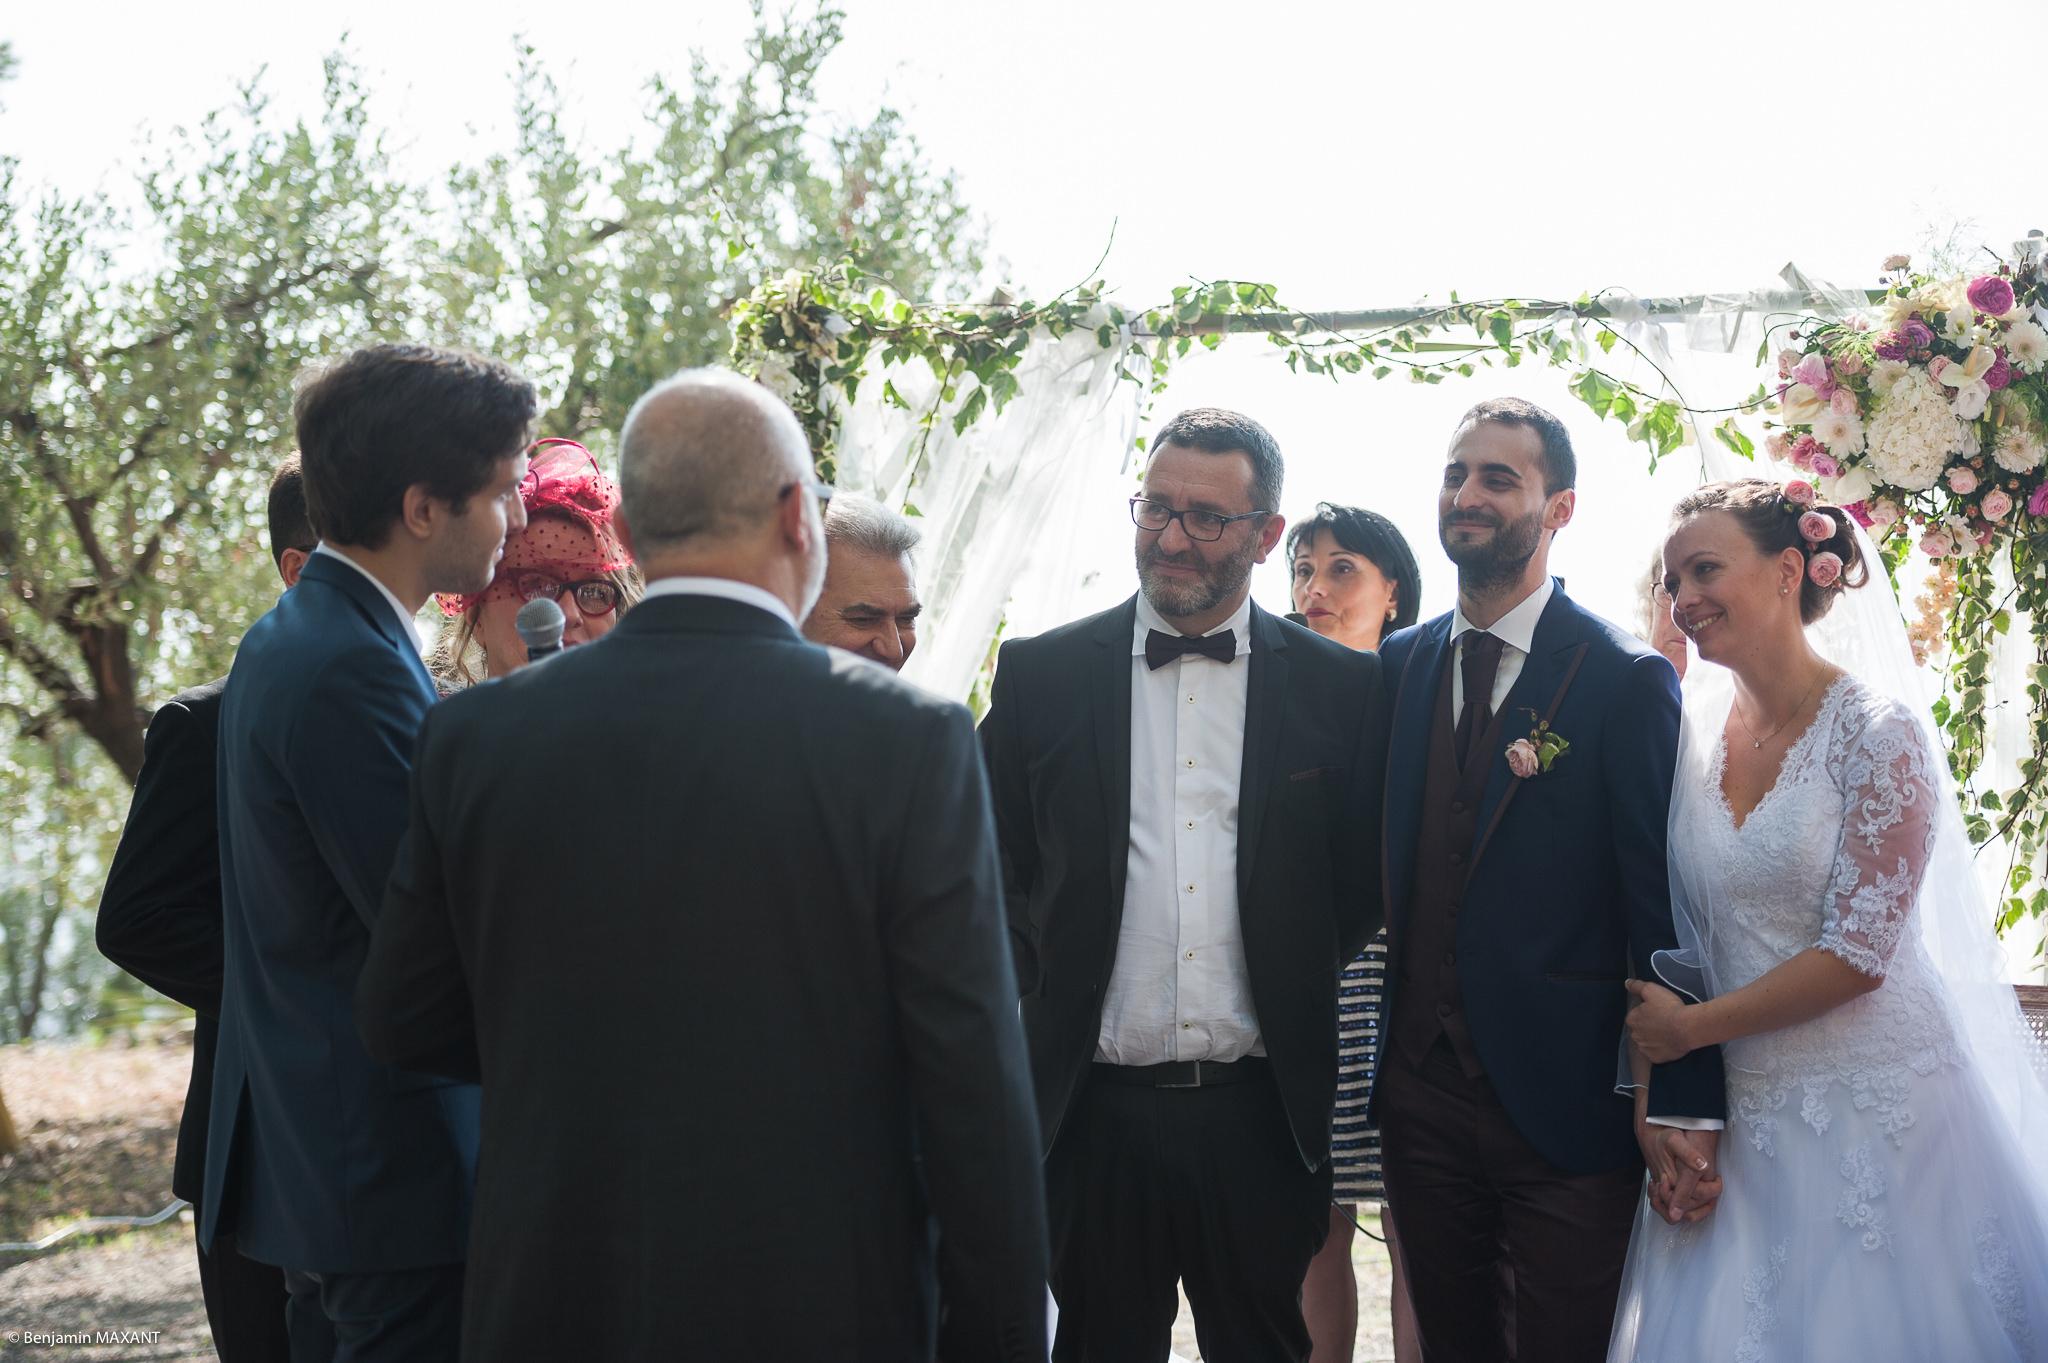 Déroulement de la cérémonie religieuse à Vintimillee à Vintimille